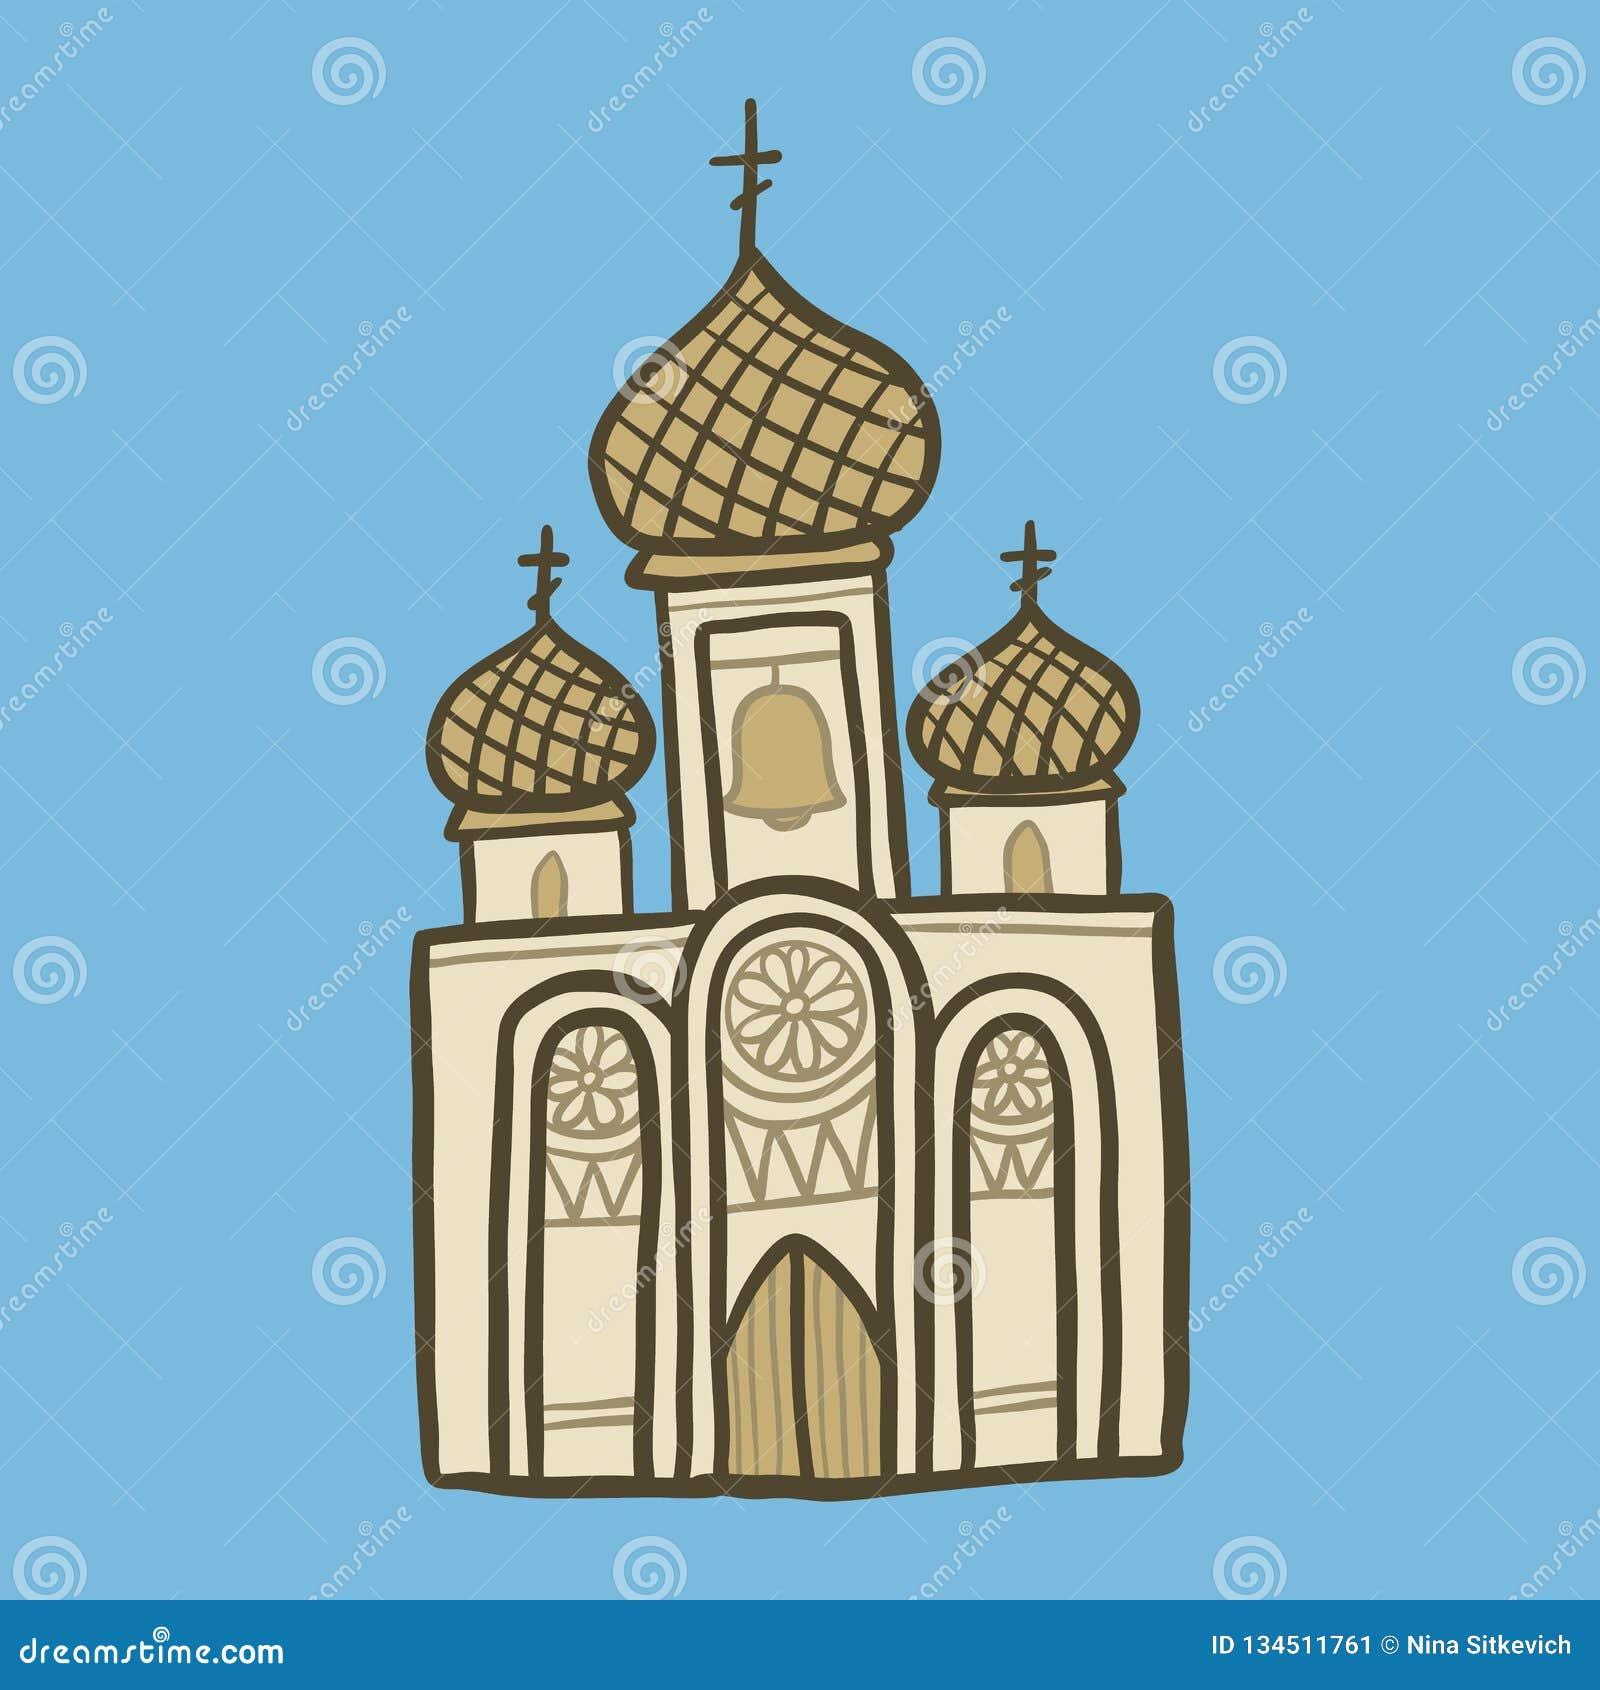 Kristen kyrklig symbol, utdragen stil för hand